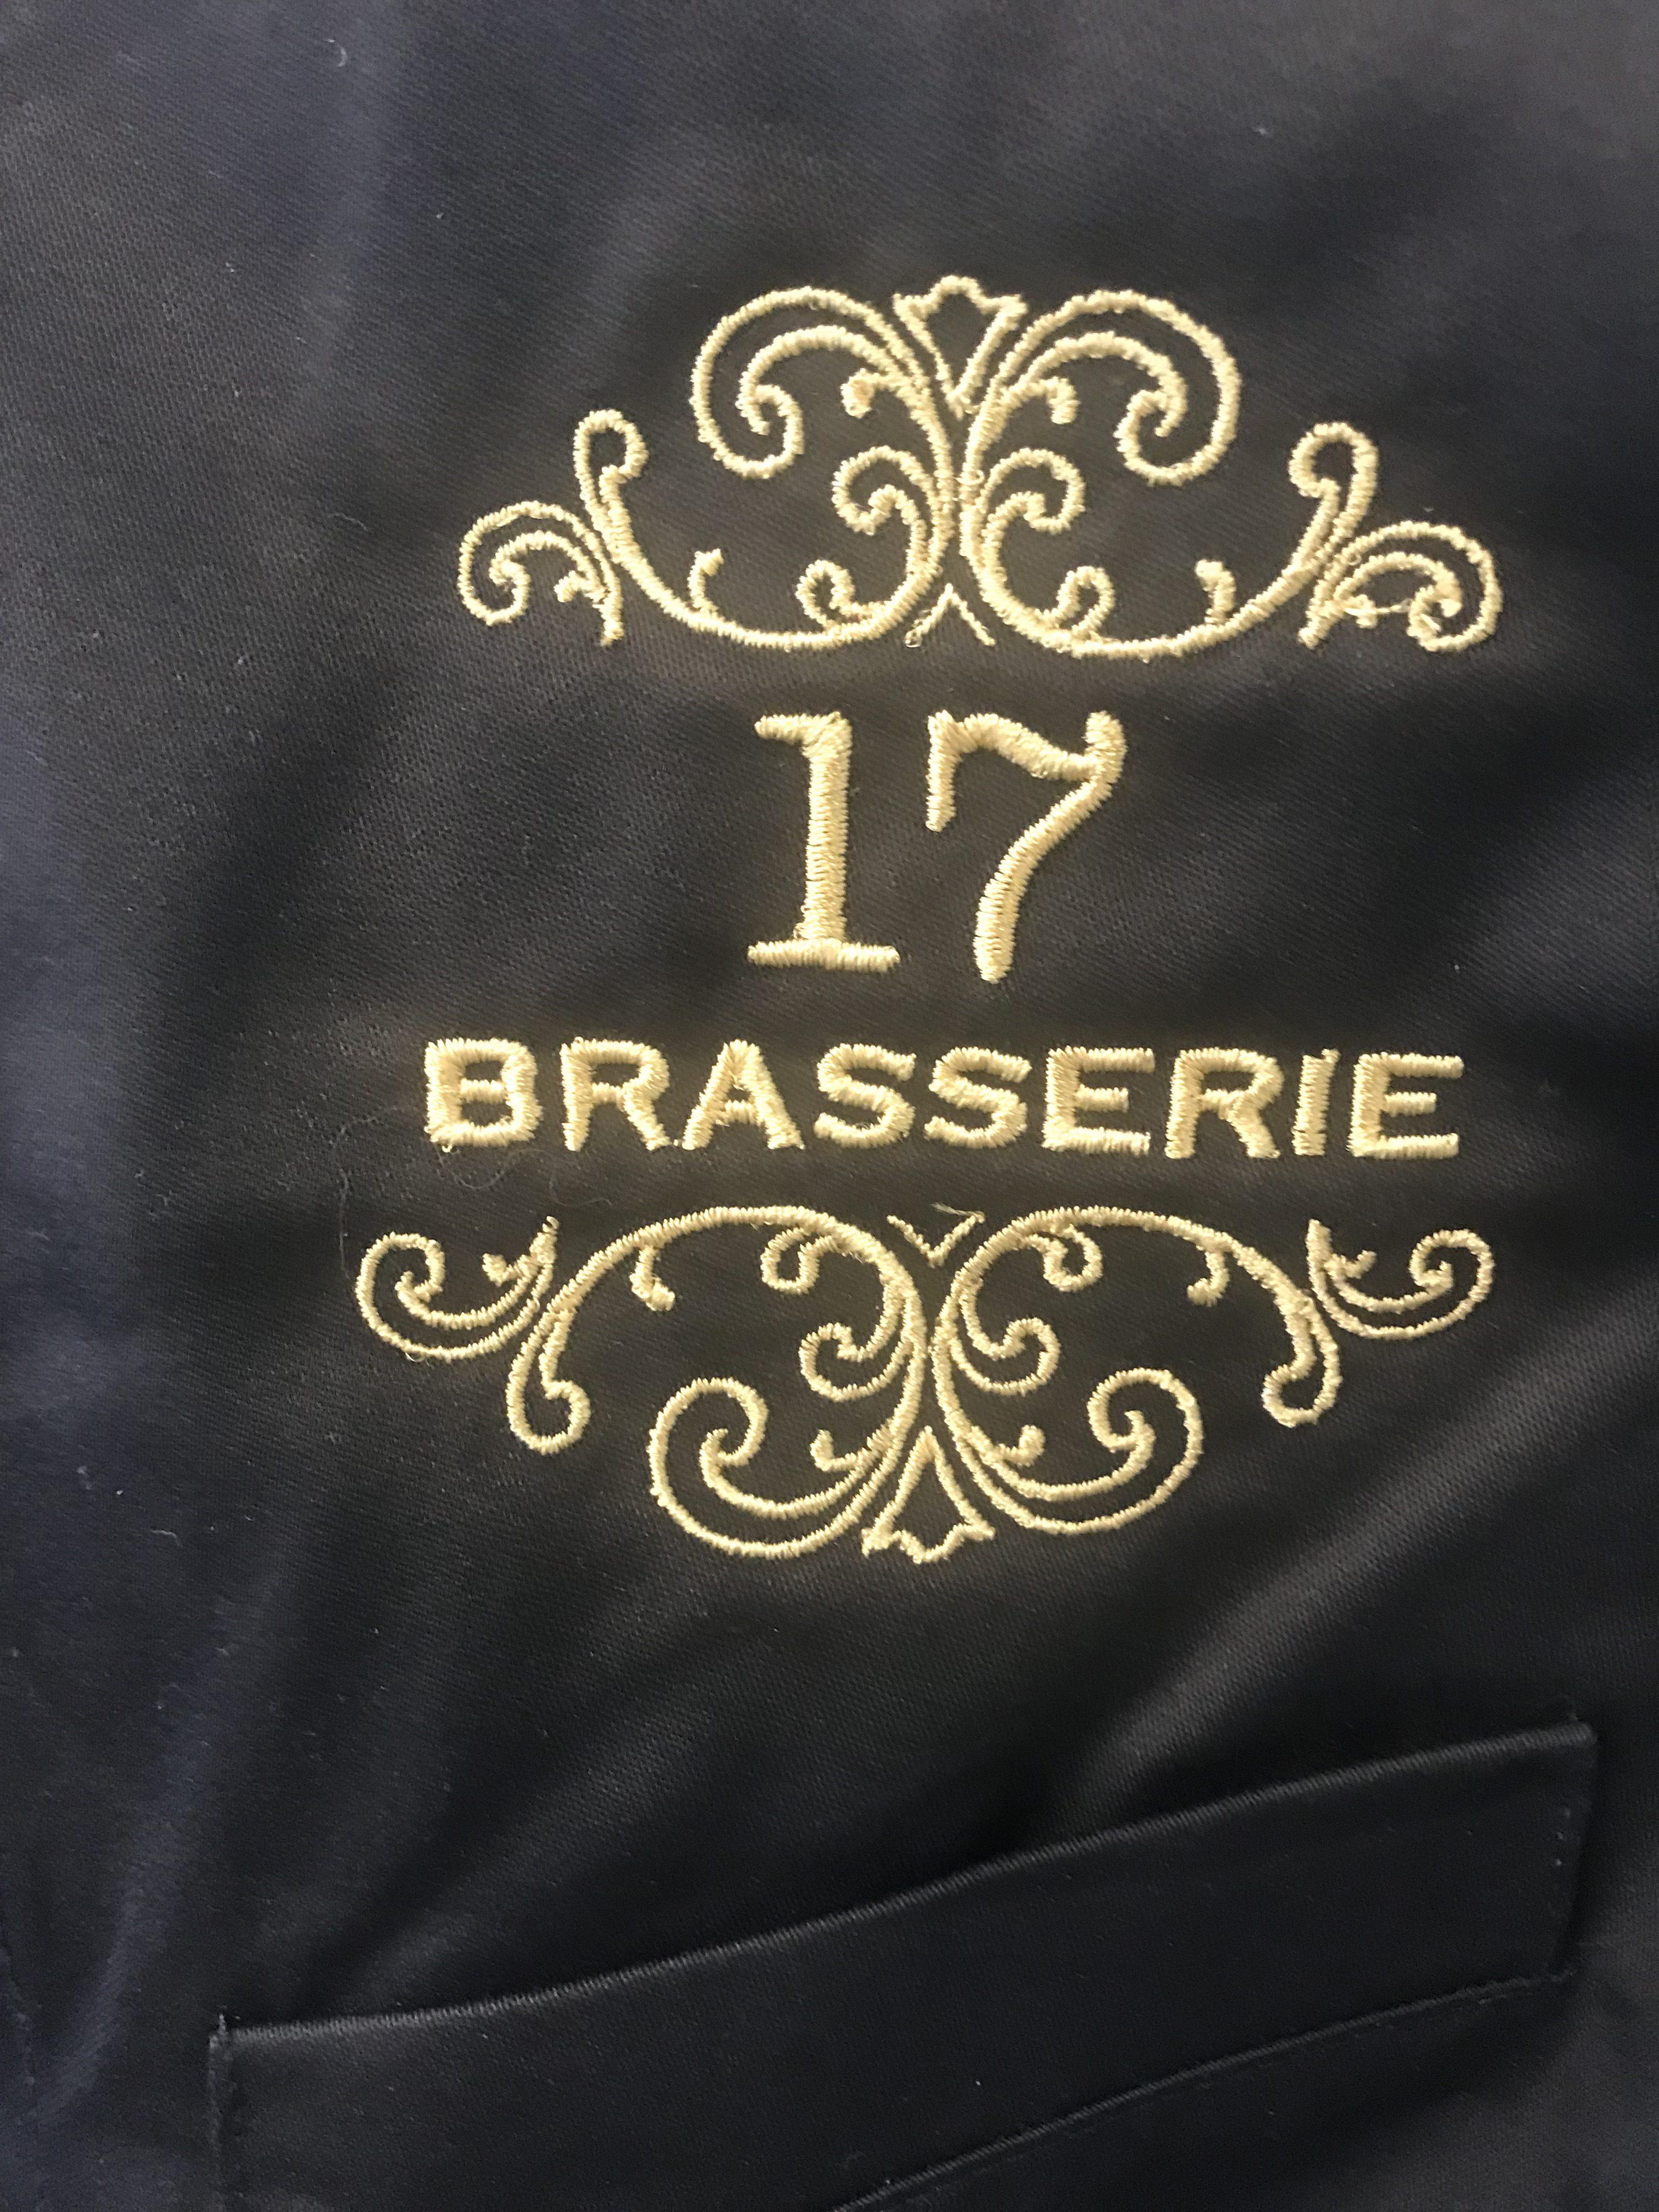 Brasserie 17 borduren op kleding